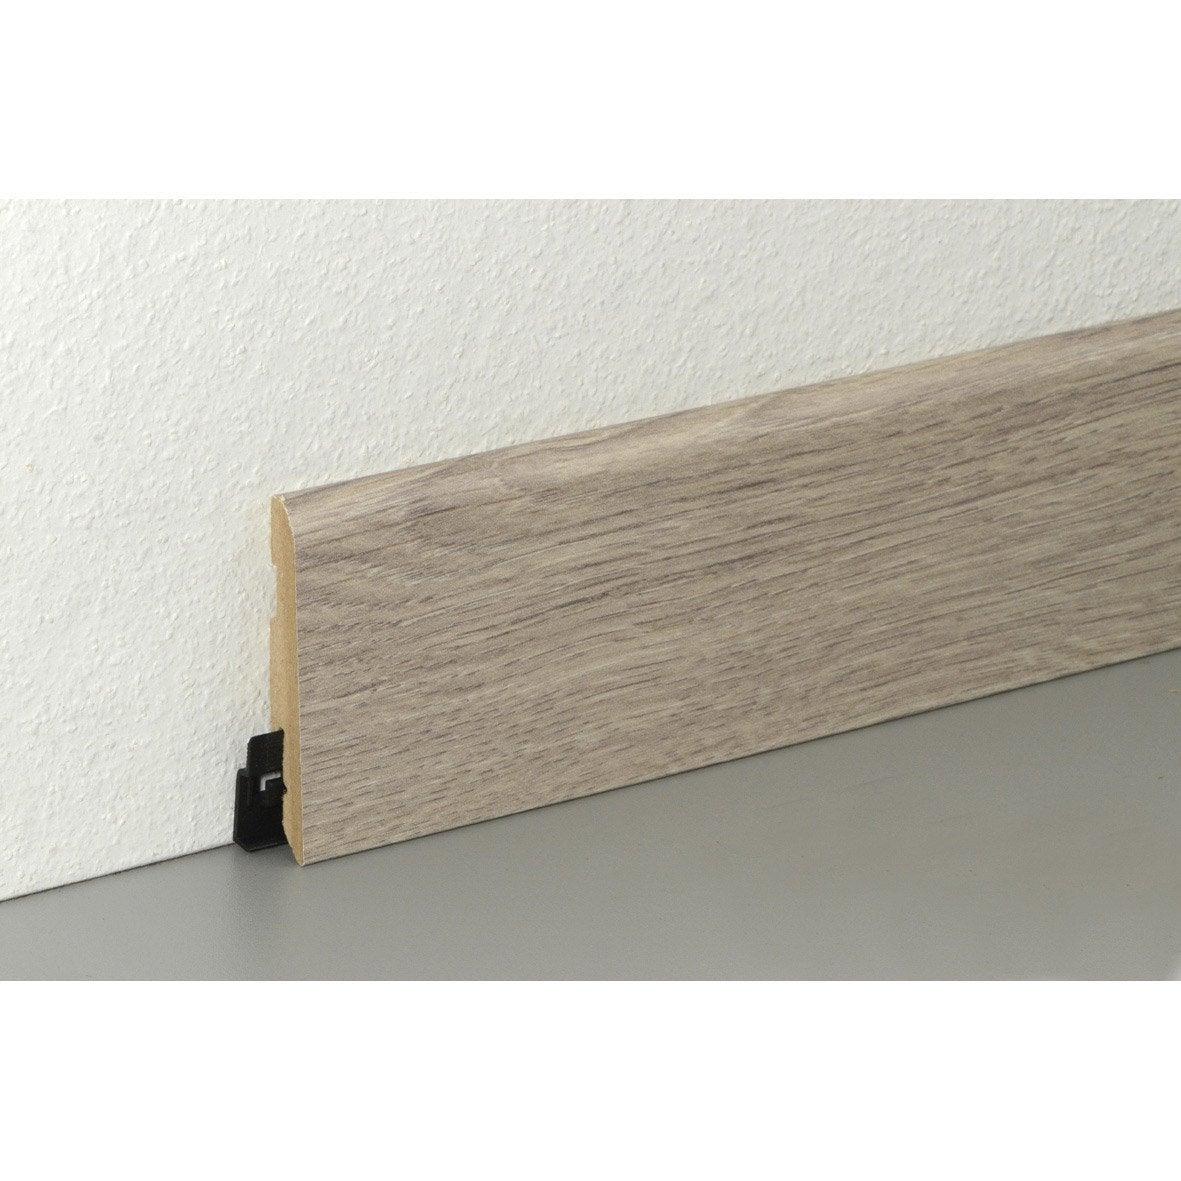 plinthe sol stratifi d cor n 50 cm x x mm leroy merlin. Black Bedroom Furniture Sets. Home Design Ideas